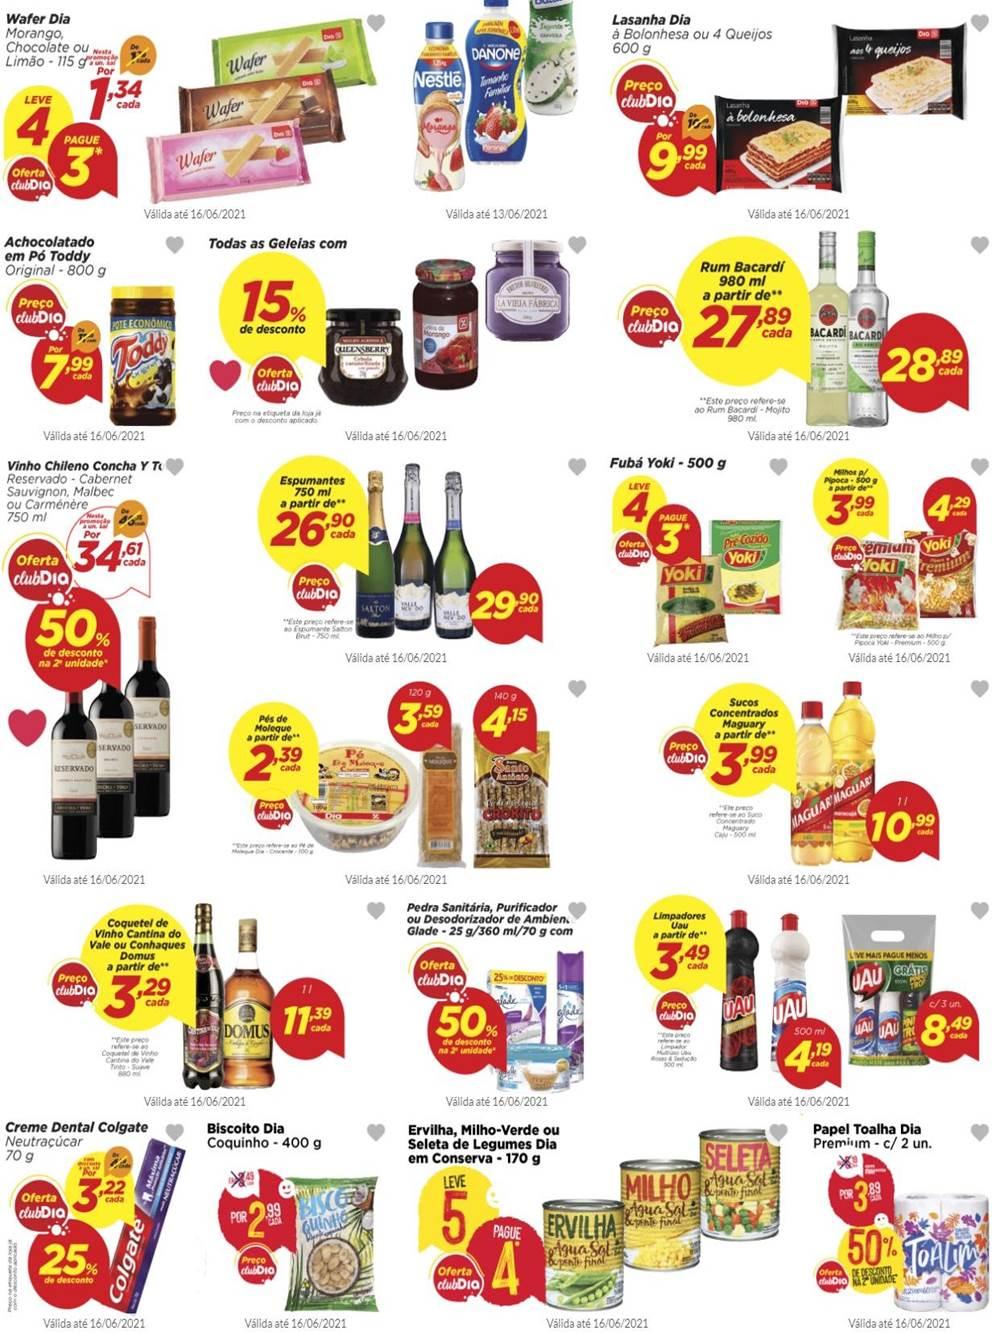 dia-ofertas-descontos-hoje2-41 Novo Folheto Dia Supermercado ofertas até 16 de Junho: confira